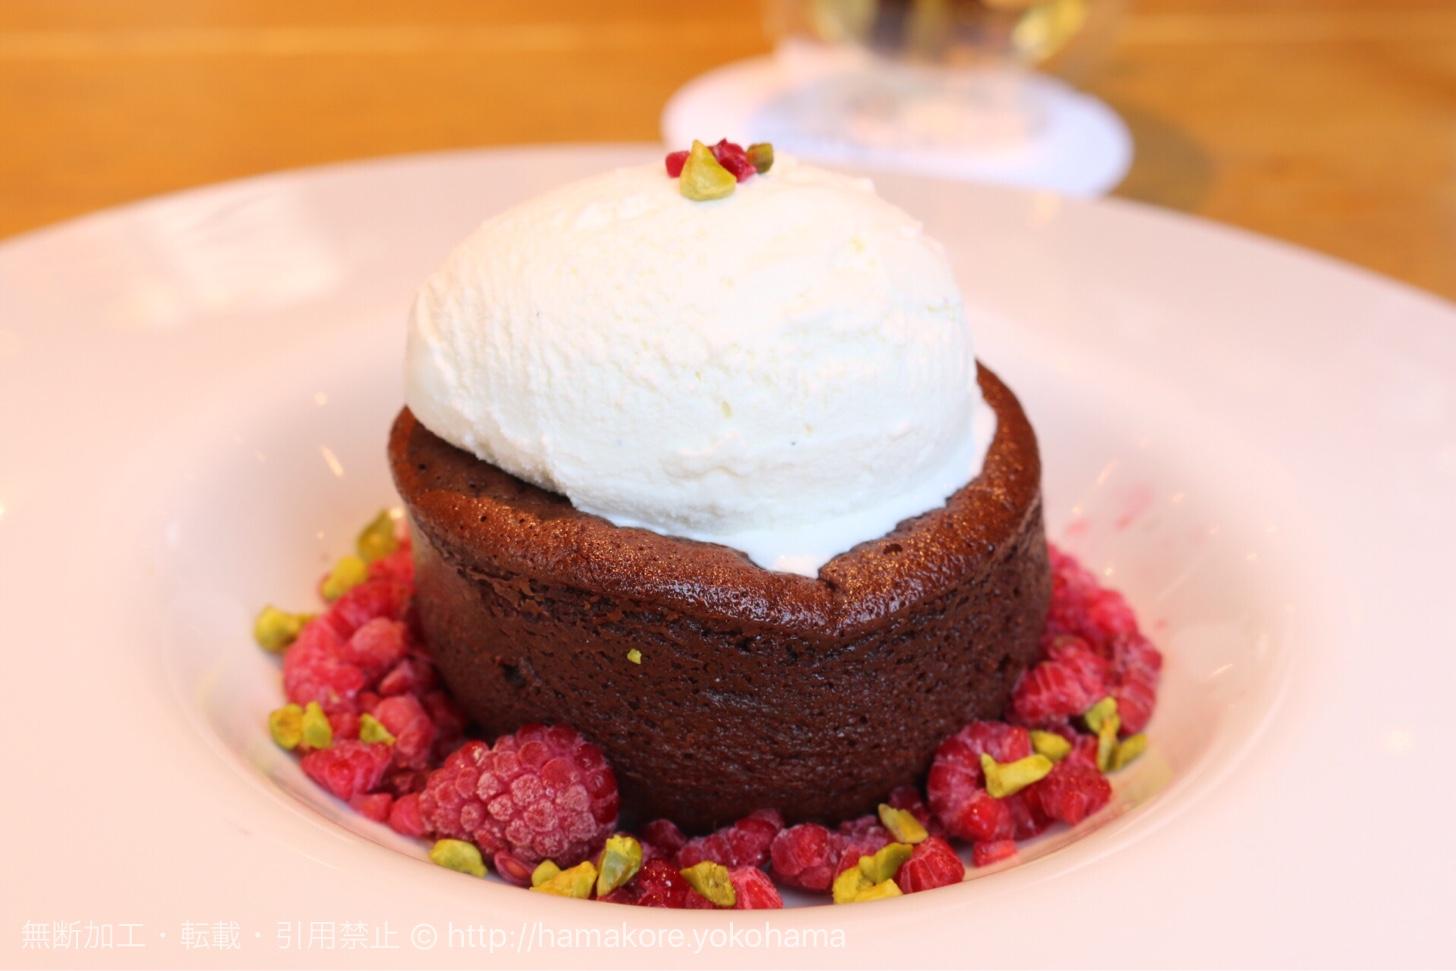 横浜みなとみらい「バニラビーンズ本店」は本格チョコを楽しめる上品でお洒落なカフェ!